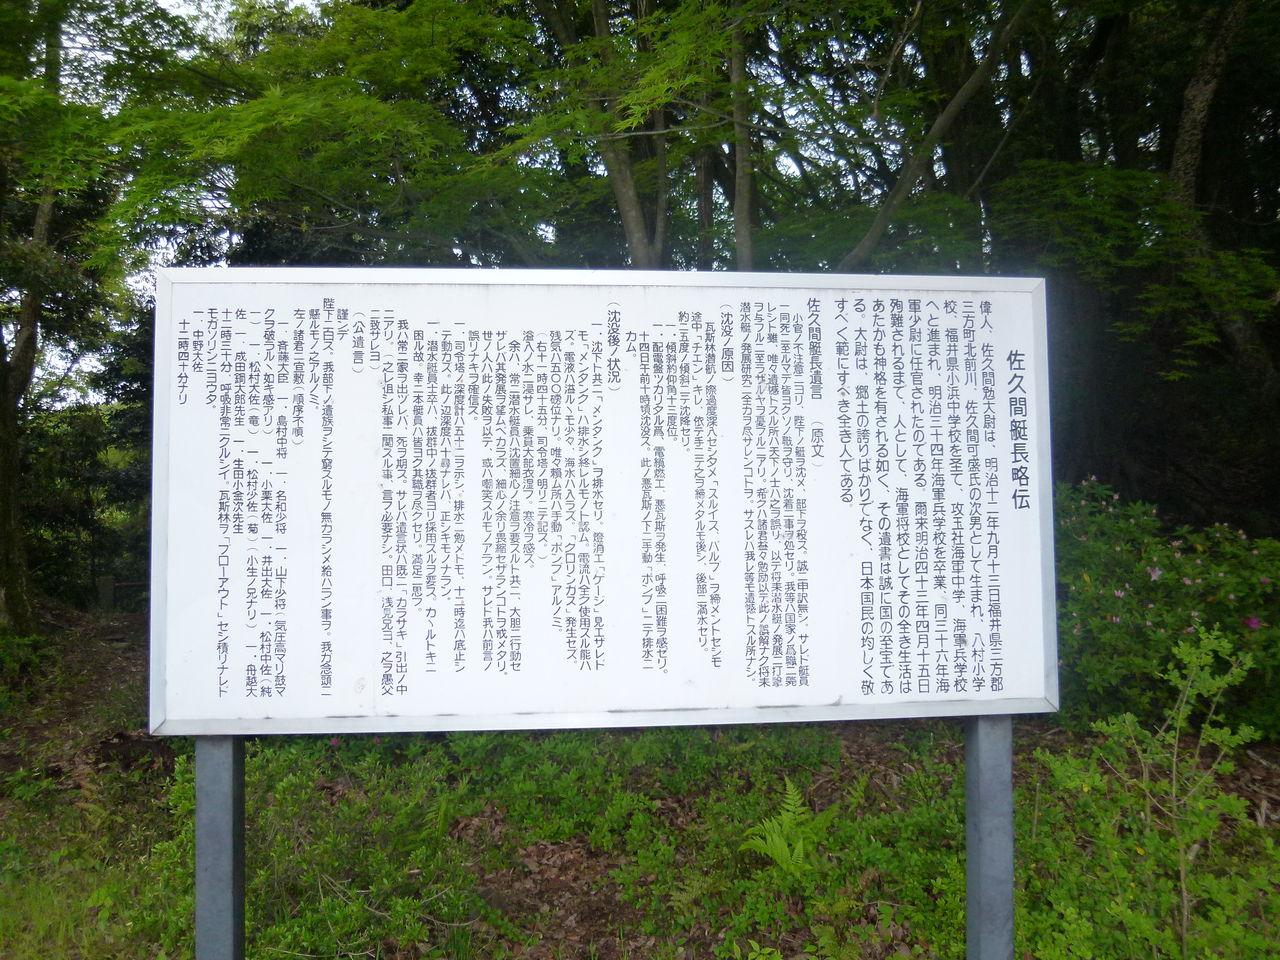 山ちゃん1952 : 佐久間艇長の最...